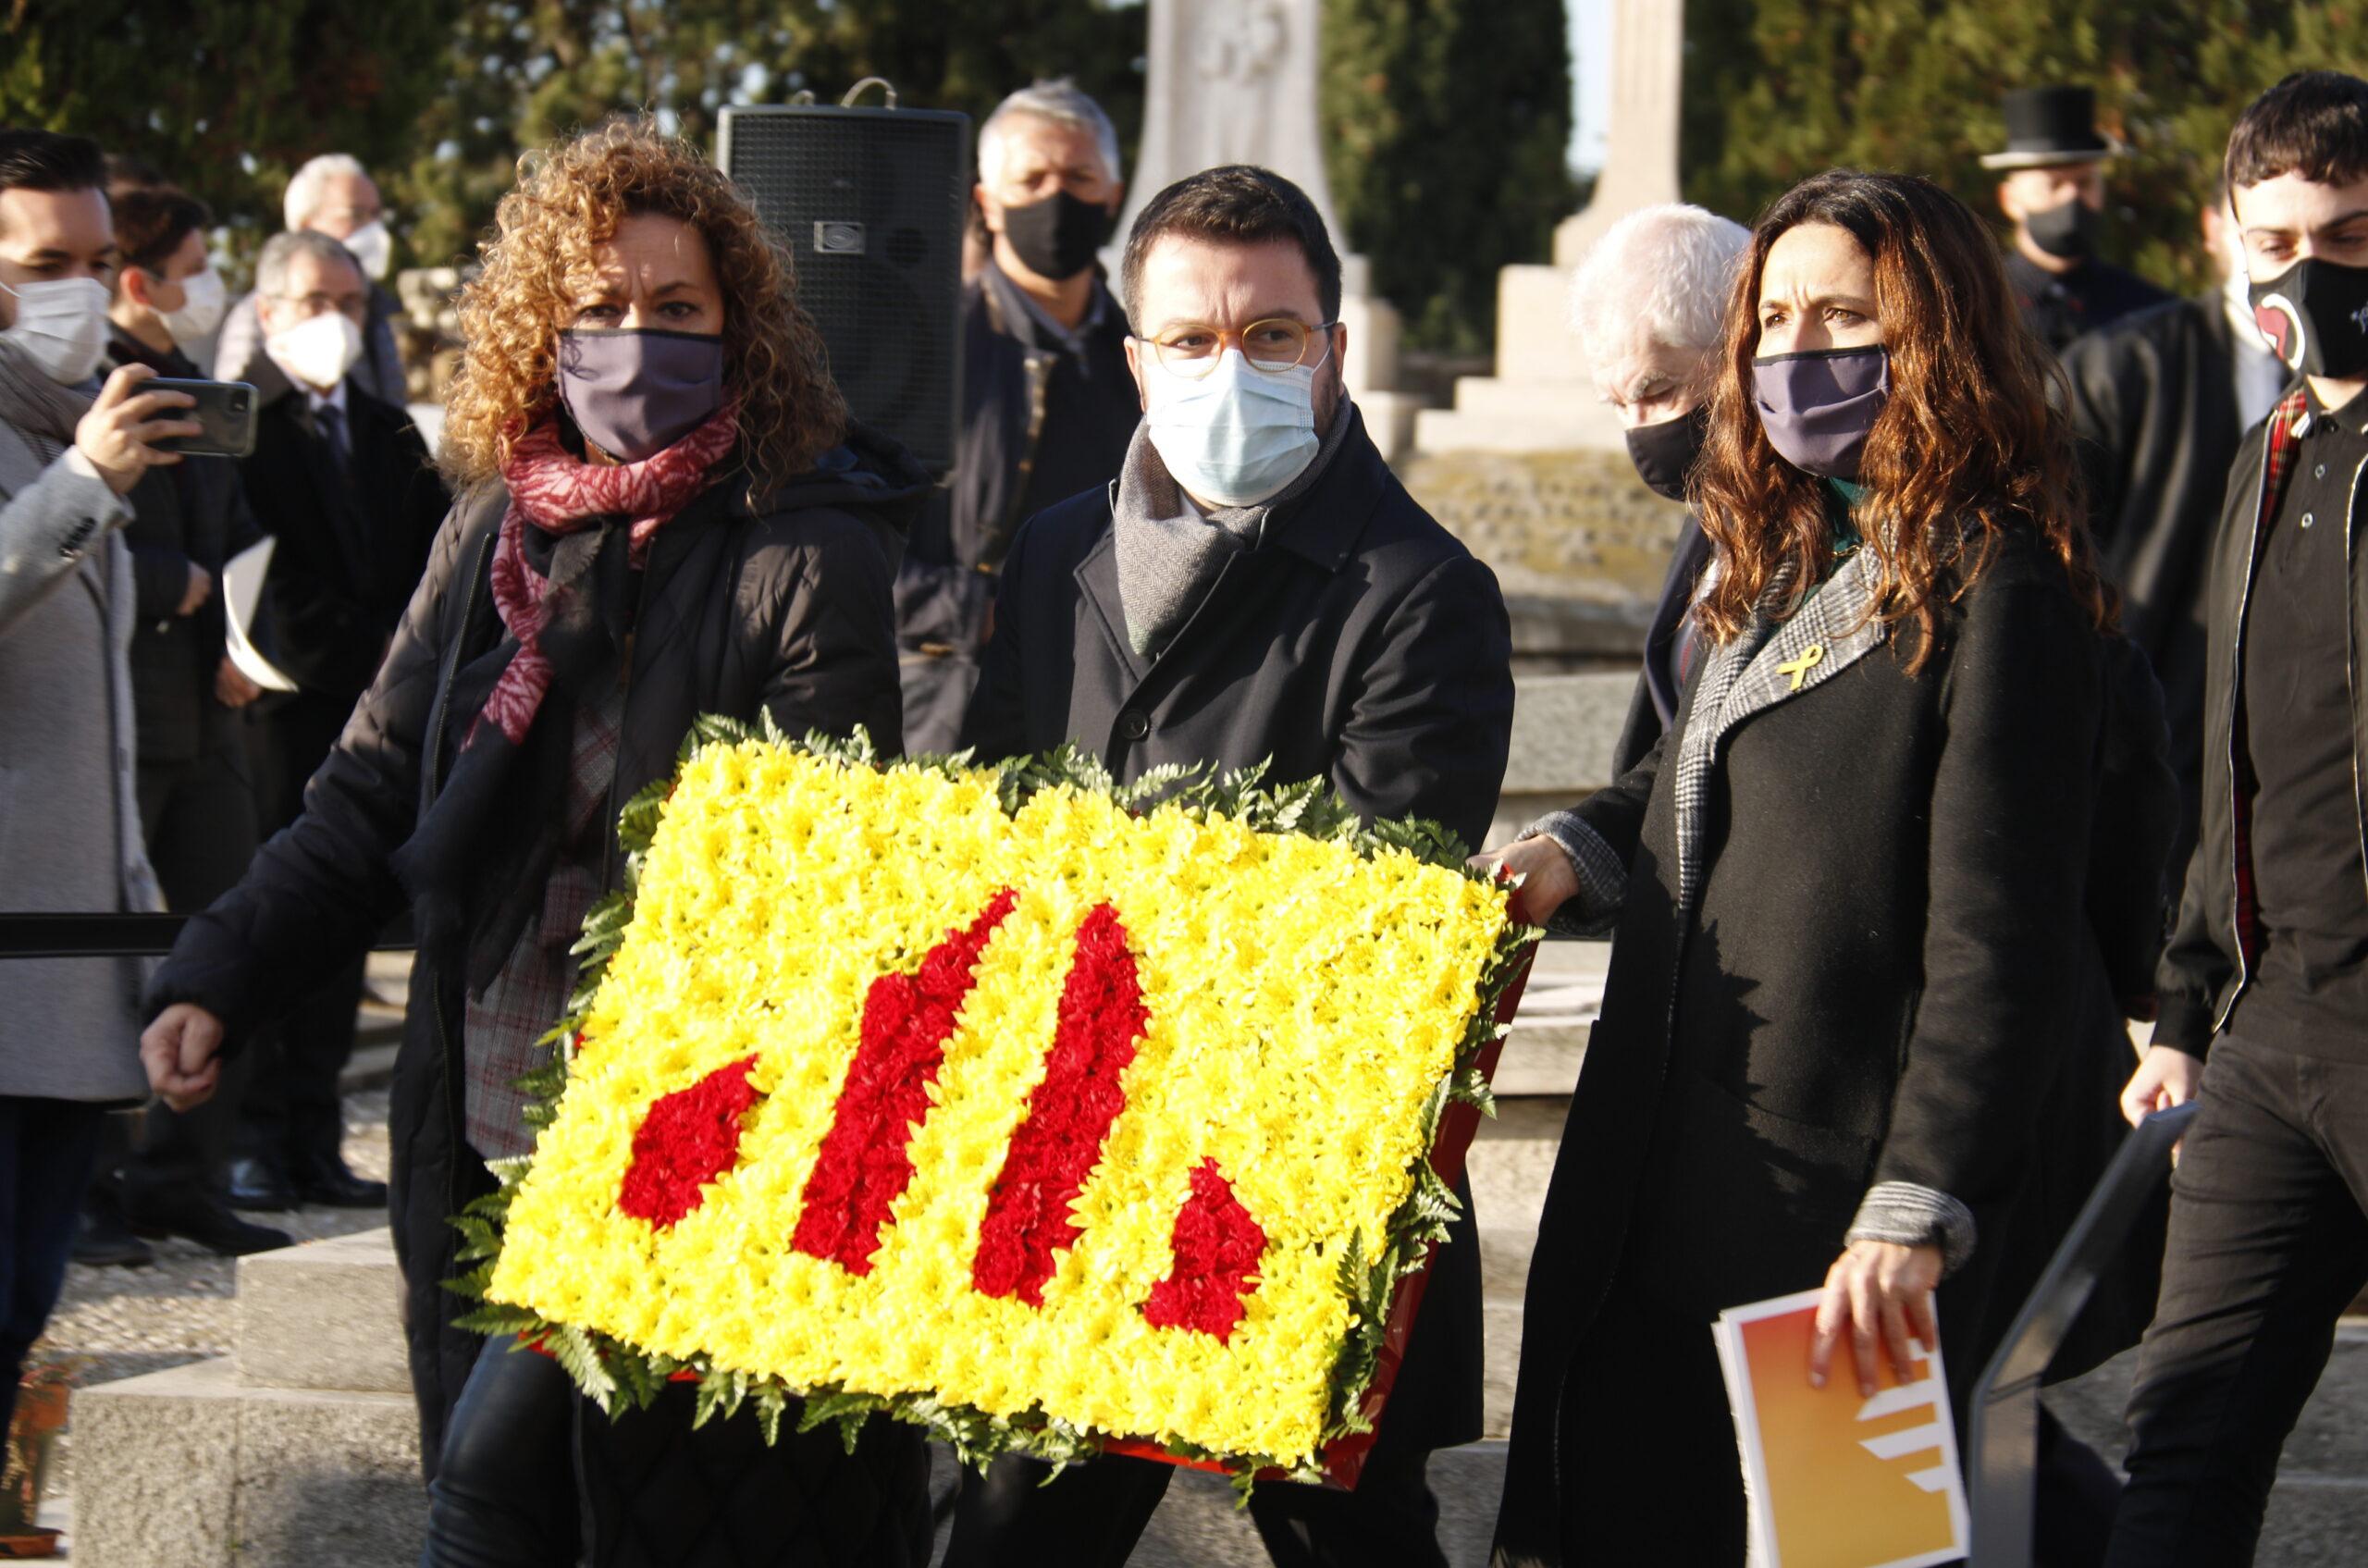 La consellera de Justícia, Ester Capella; el vicepresident de la Generalitat amb funcions de president, Pere Aragonès, i la número dos d'ERC per Barcelona al 14-F, Laura Vilagrà, el 25 de desembre de 2020 / ACN